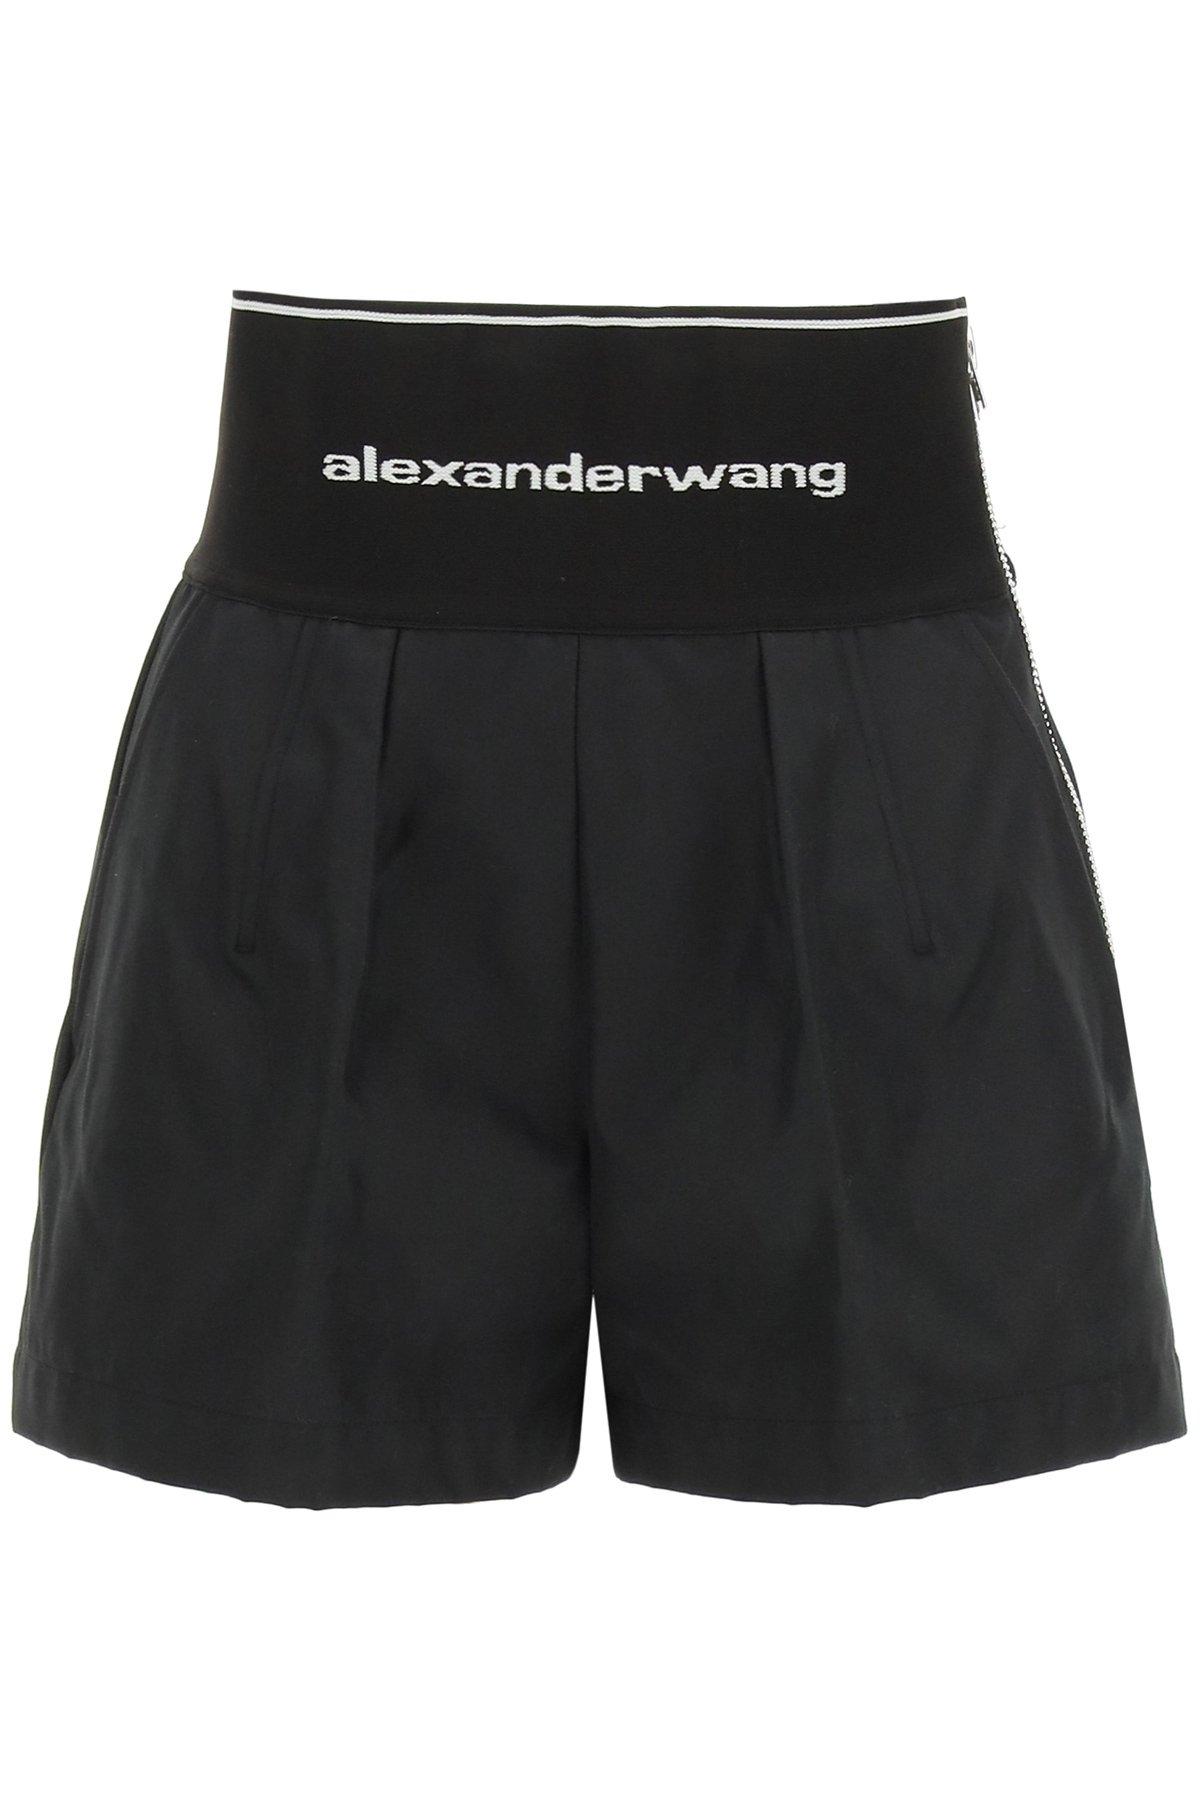 Alexander wang shorts safari con logo